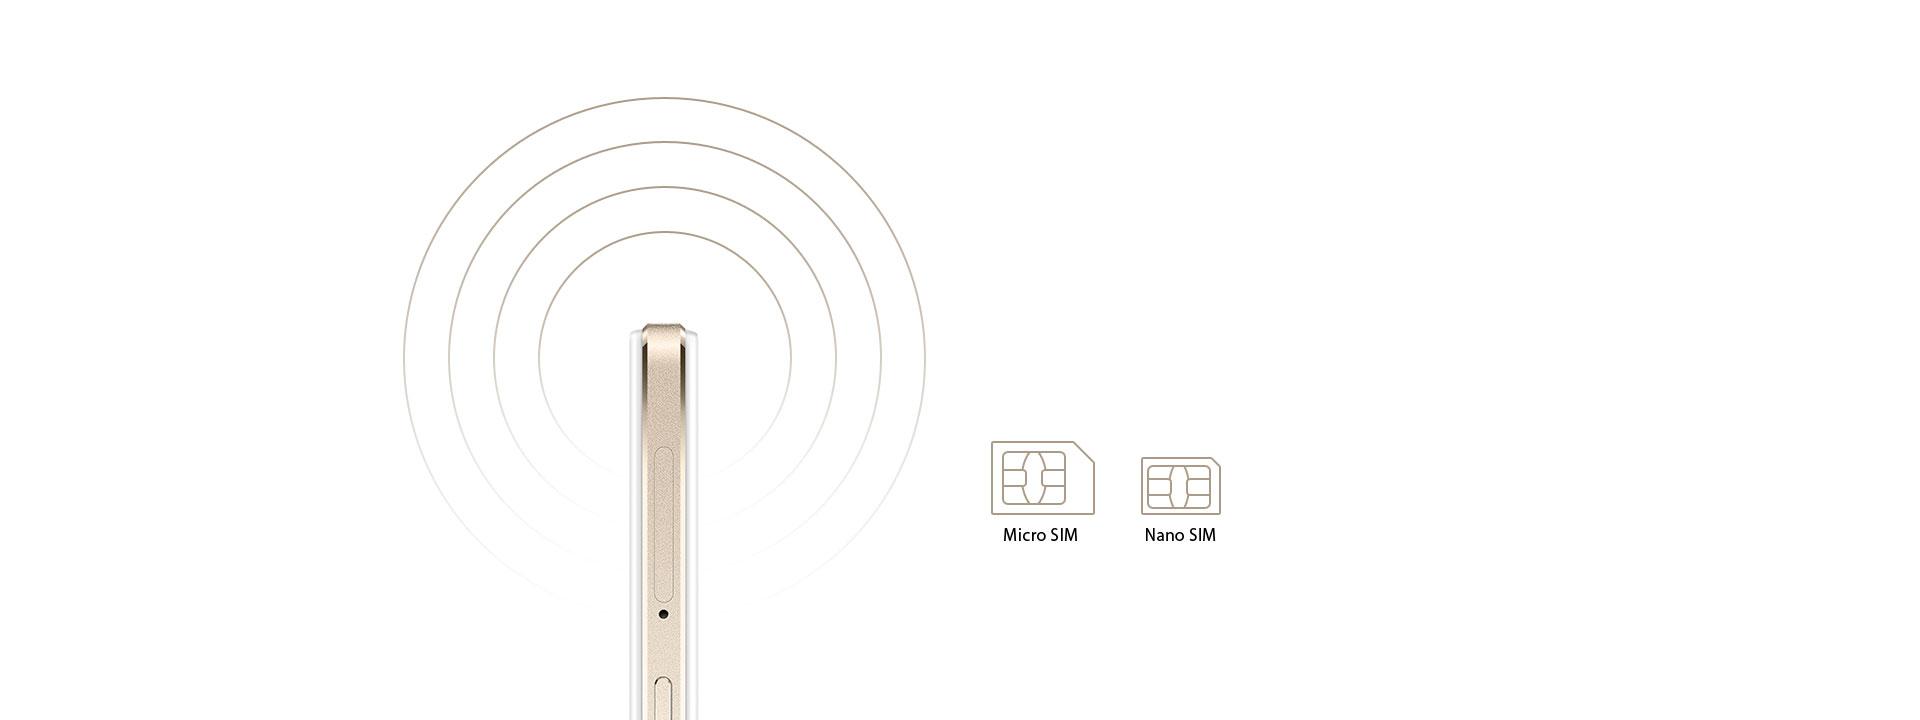 OPPO R1x  Dual SIM Dual Standby